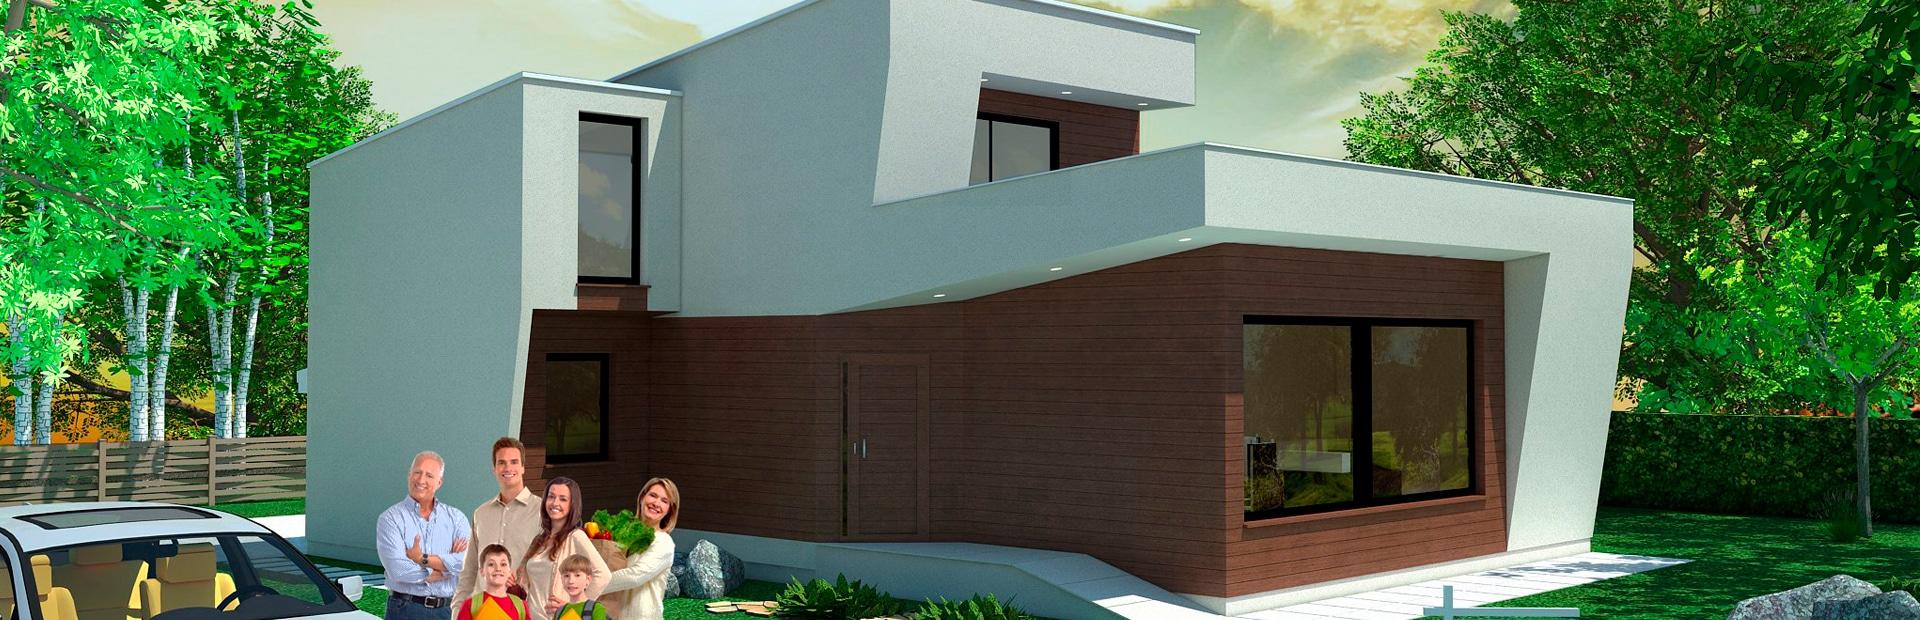 Casas Prefabricadas Canexel Construccion Canadiense